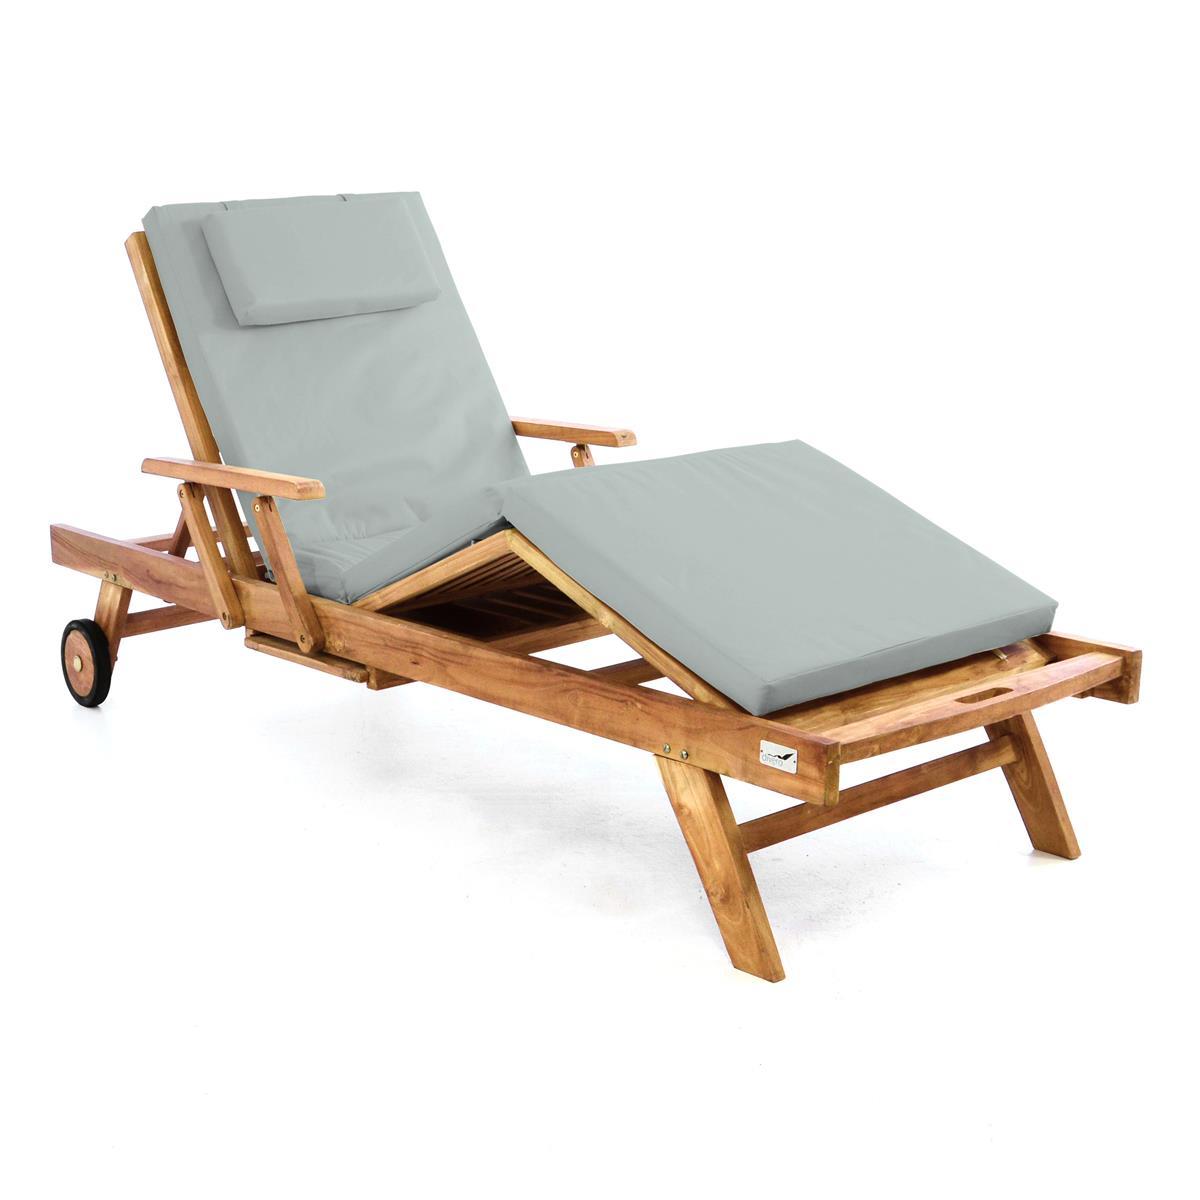 DIVERO Sonnenliege Gartenliege Tablett Teak Holz behandelt Auflage hellgrau